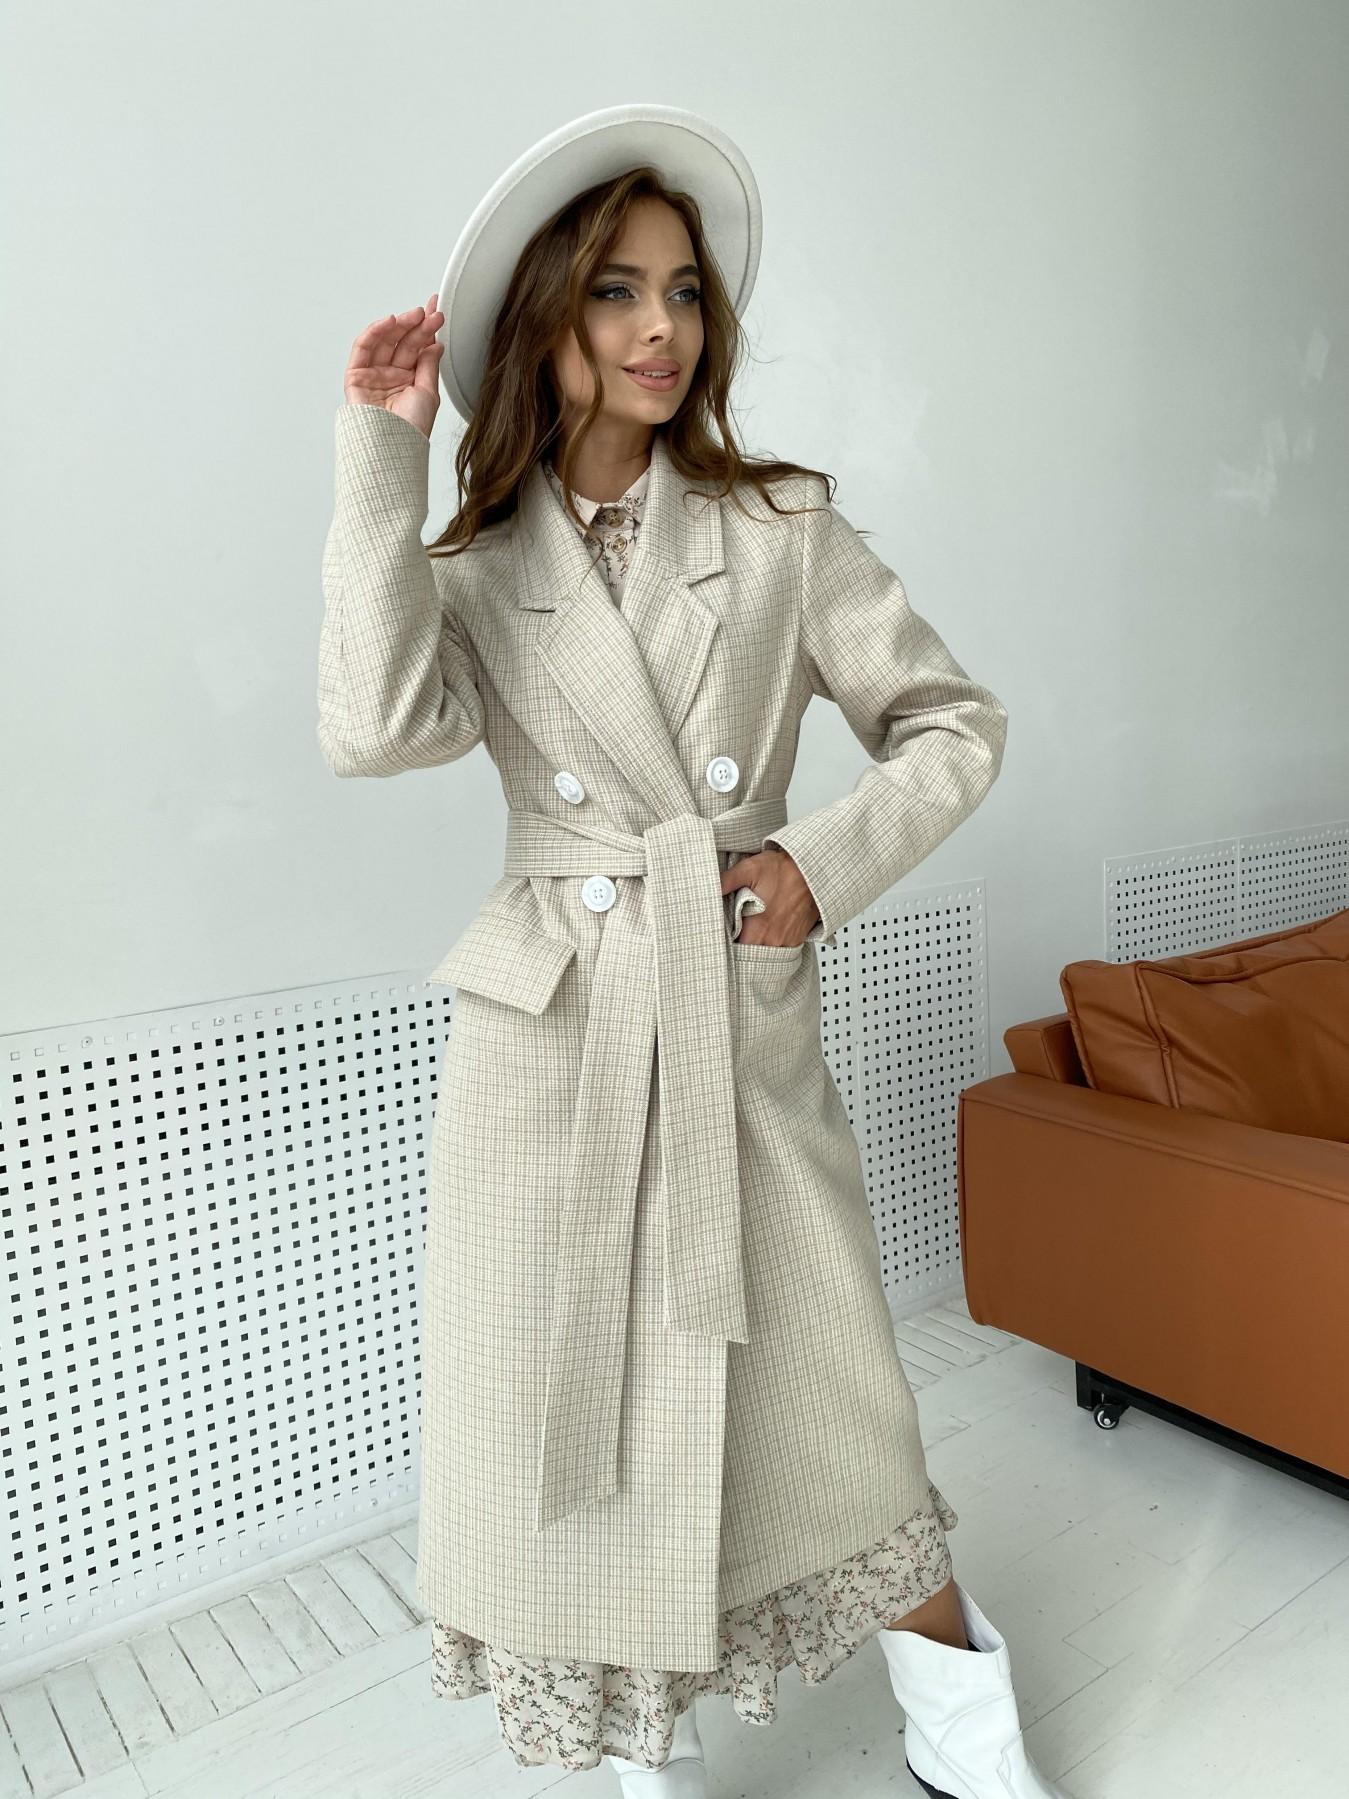 Статус пальто из тонкого кашемира в клетку 11780 АРТ. 48520 Цвет: Бежевый/молоко/КлетМел - фото 8, интернет магазин tm-modus.ru